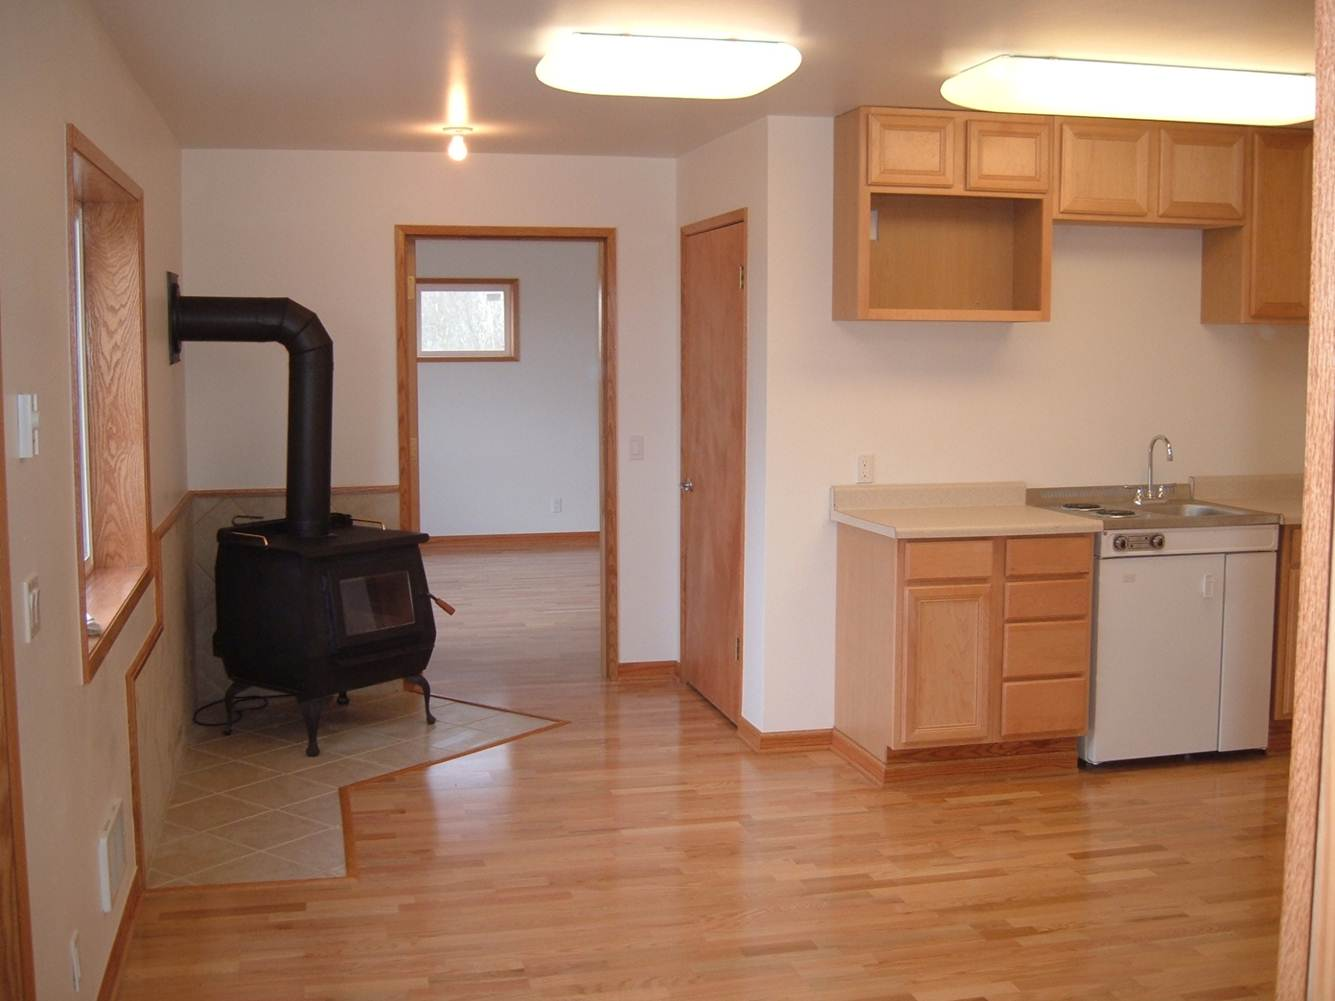 barndominium-interior